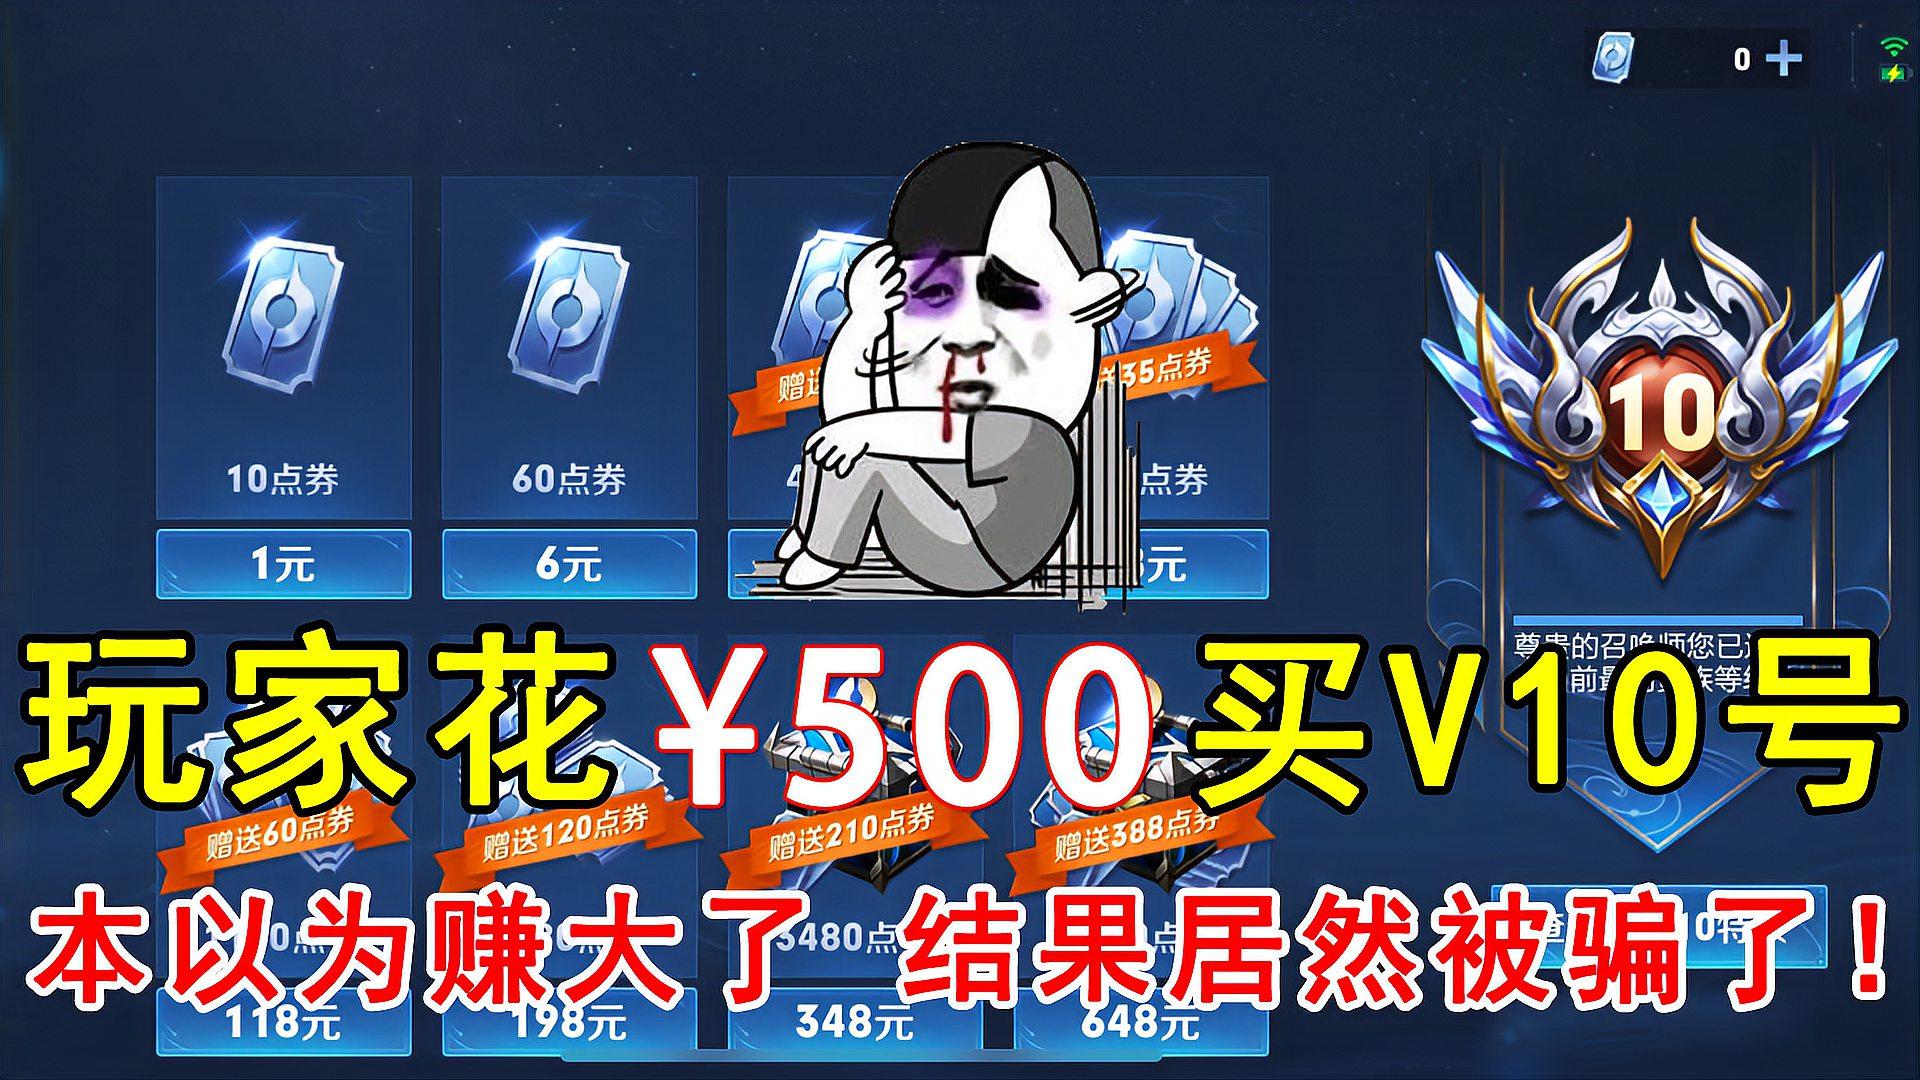 王者荣耀:玩家花500买V10号,本以为赚大了,结果居然被骗了!